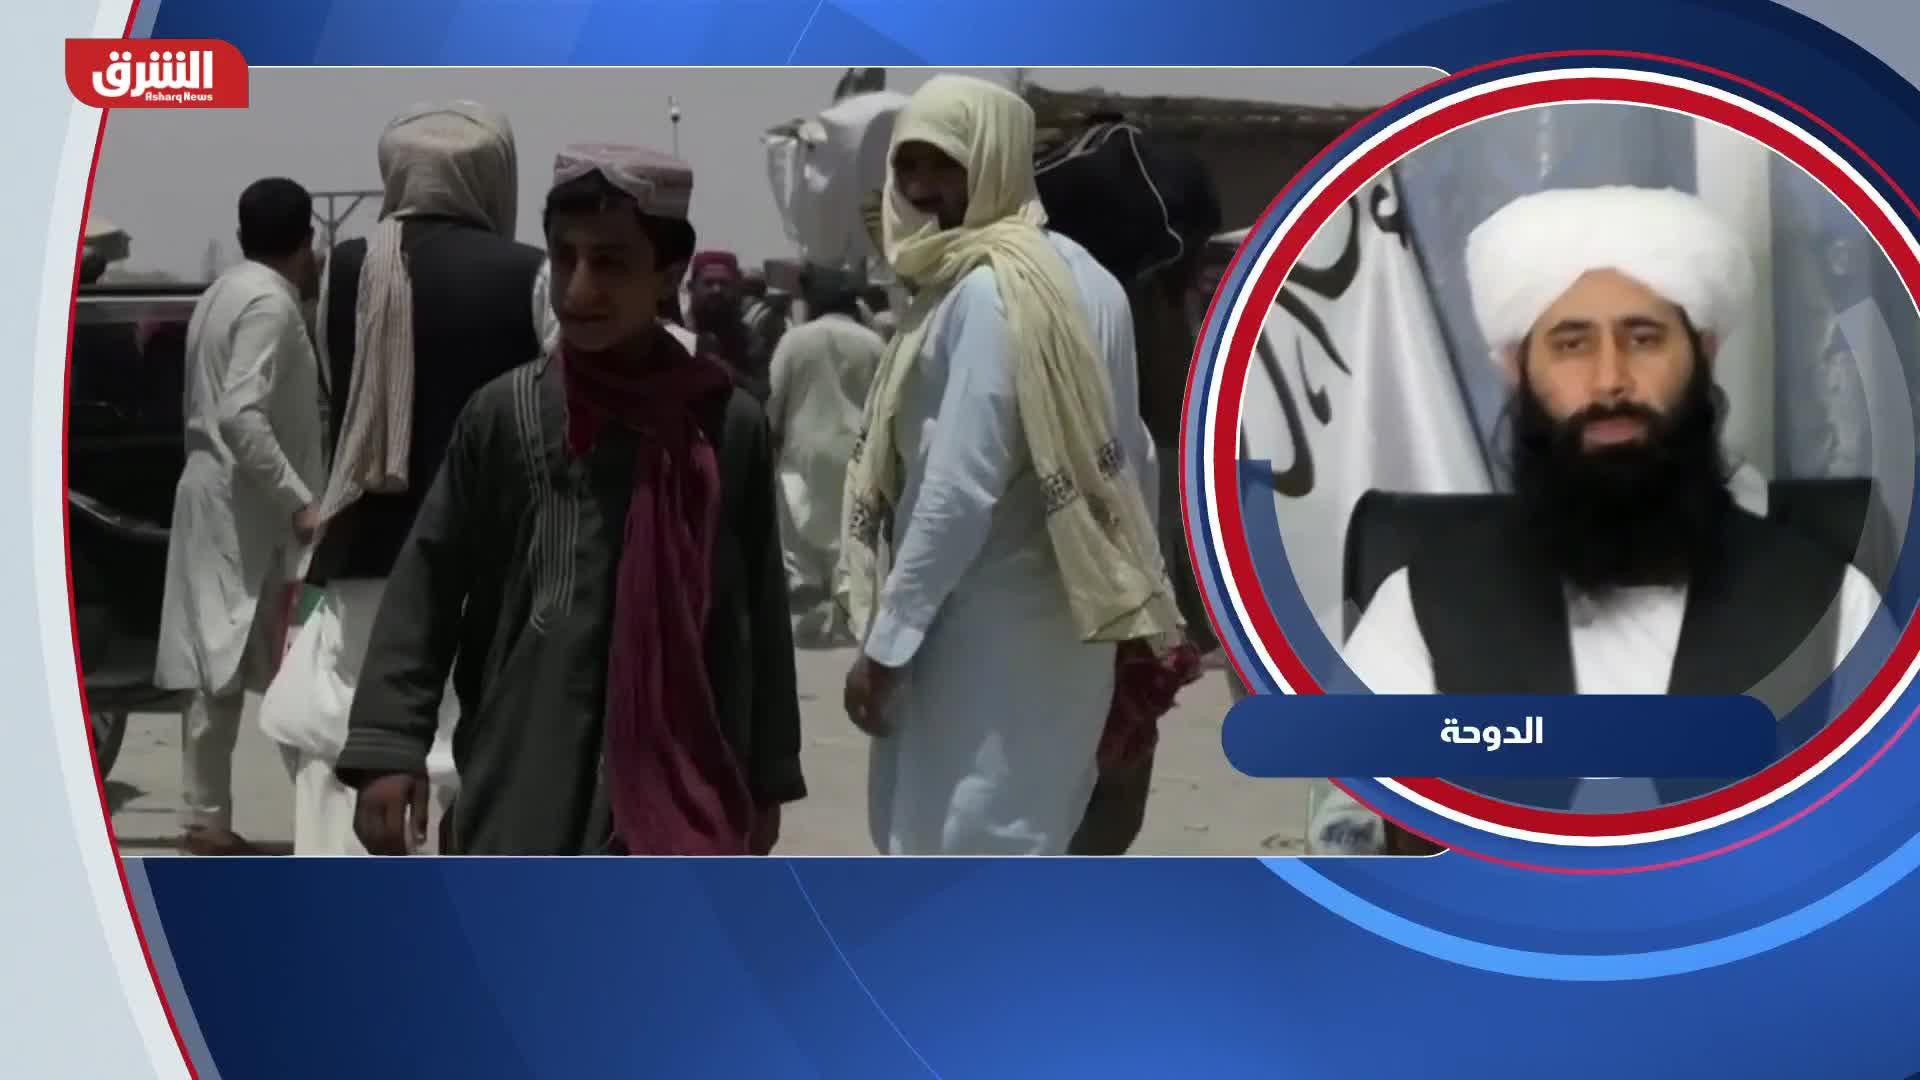 أفغانستان.. تعقيدات أمنية وسياسية